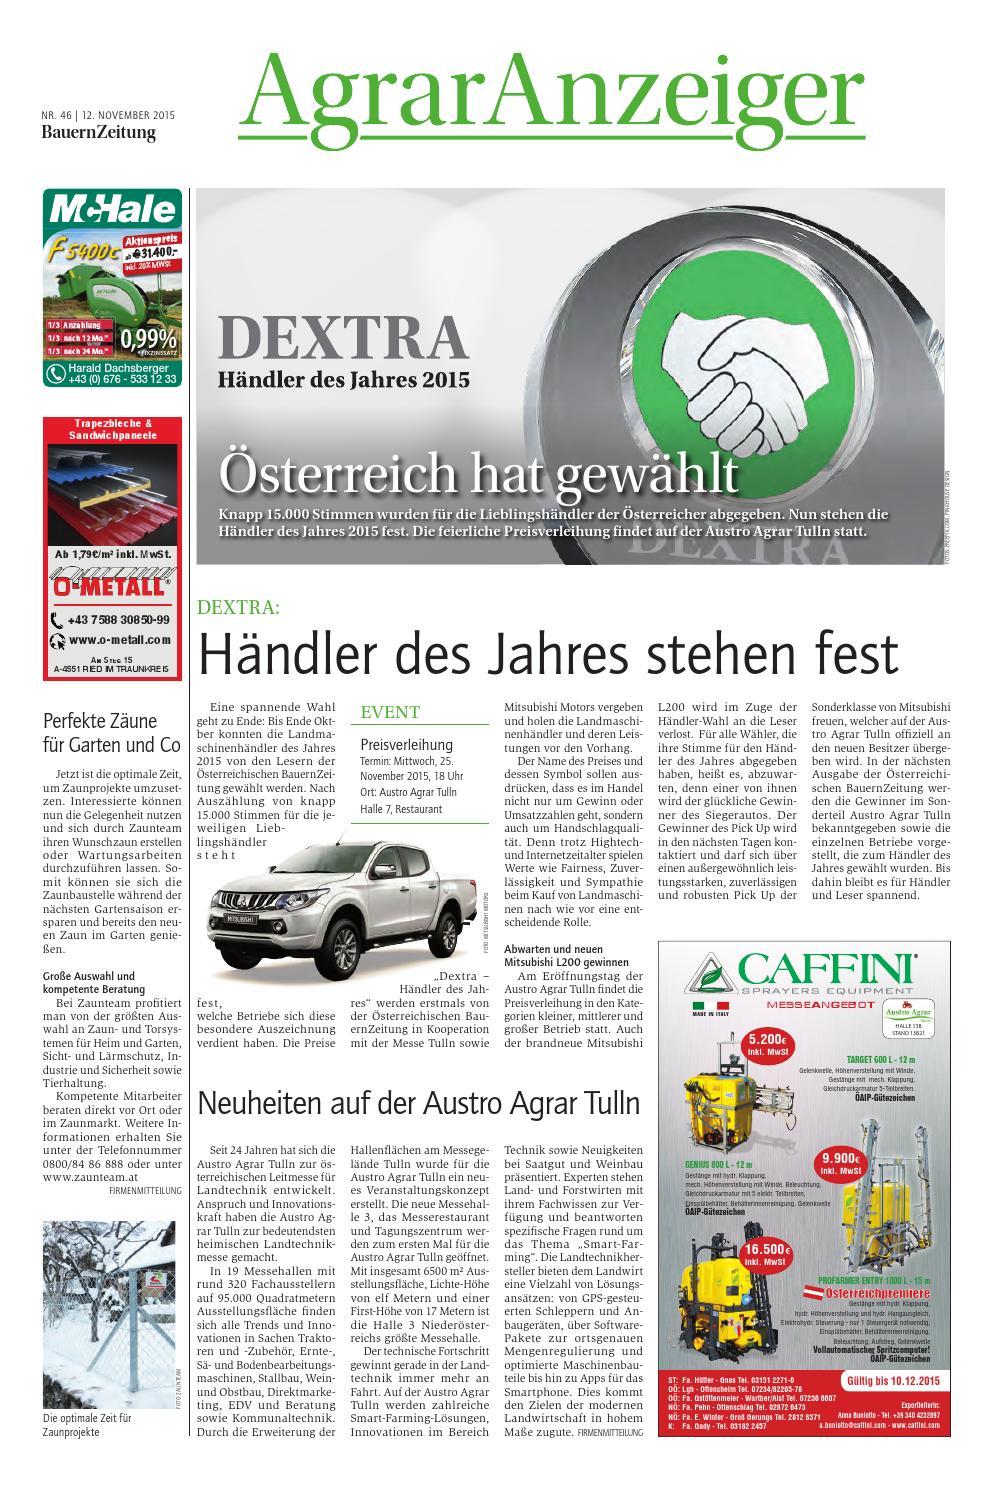 Kostenlose singlebrsen tulln an der donau: Wals-siezenheim